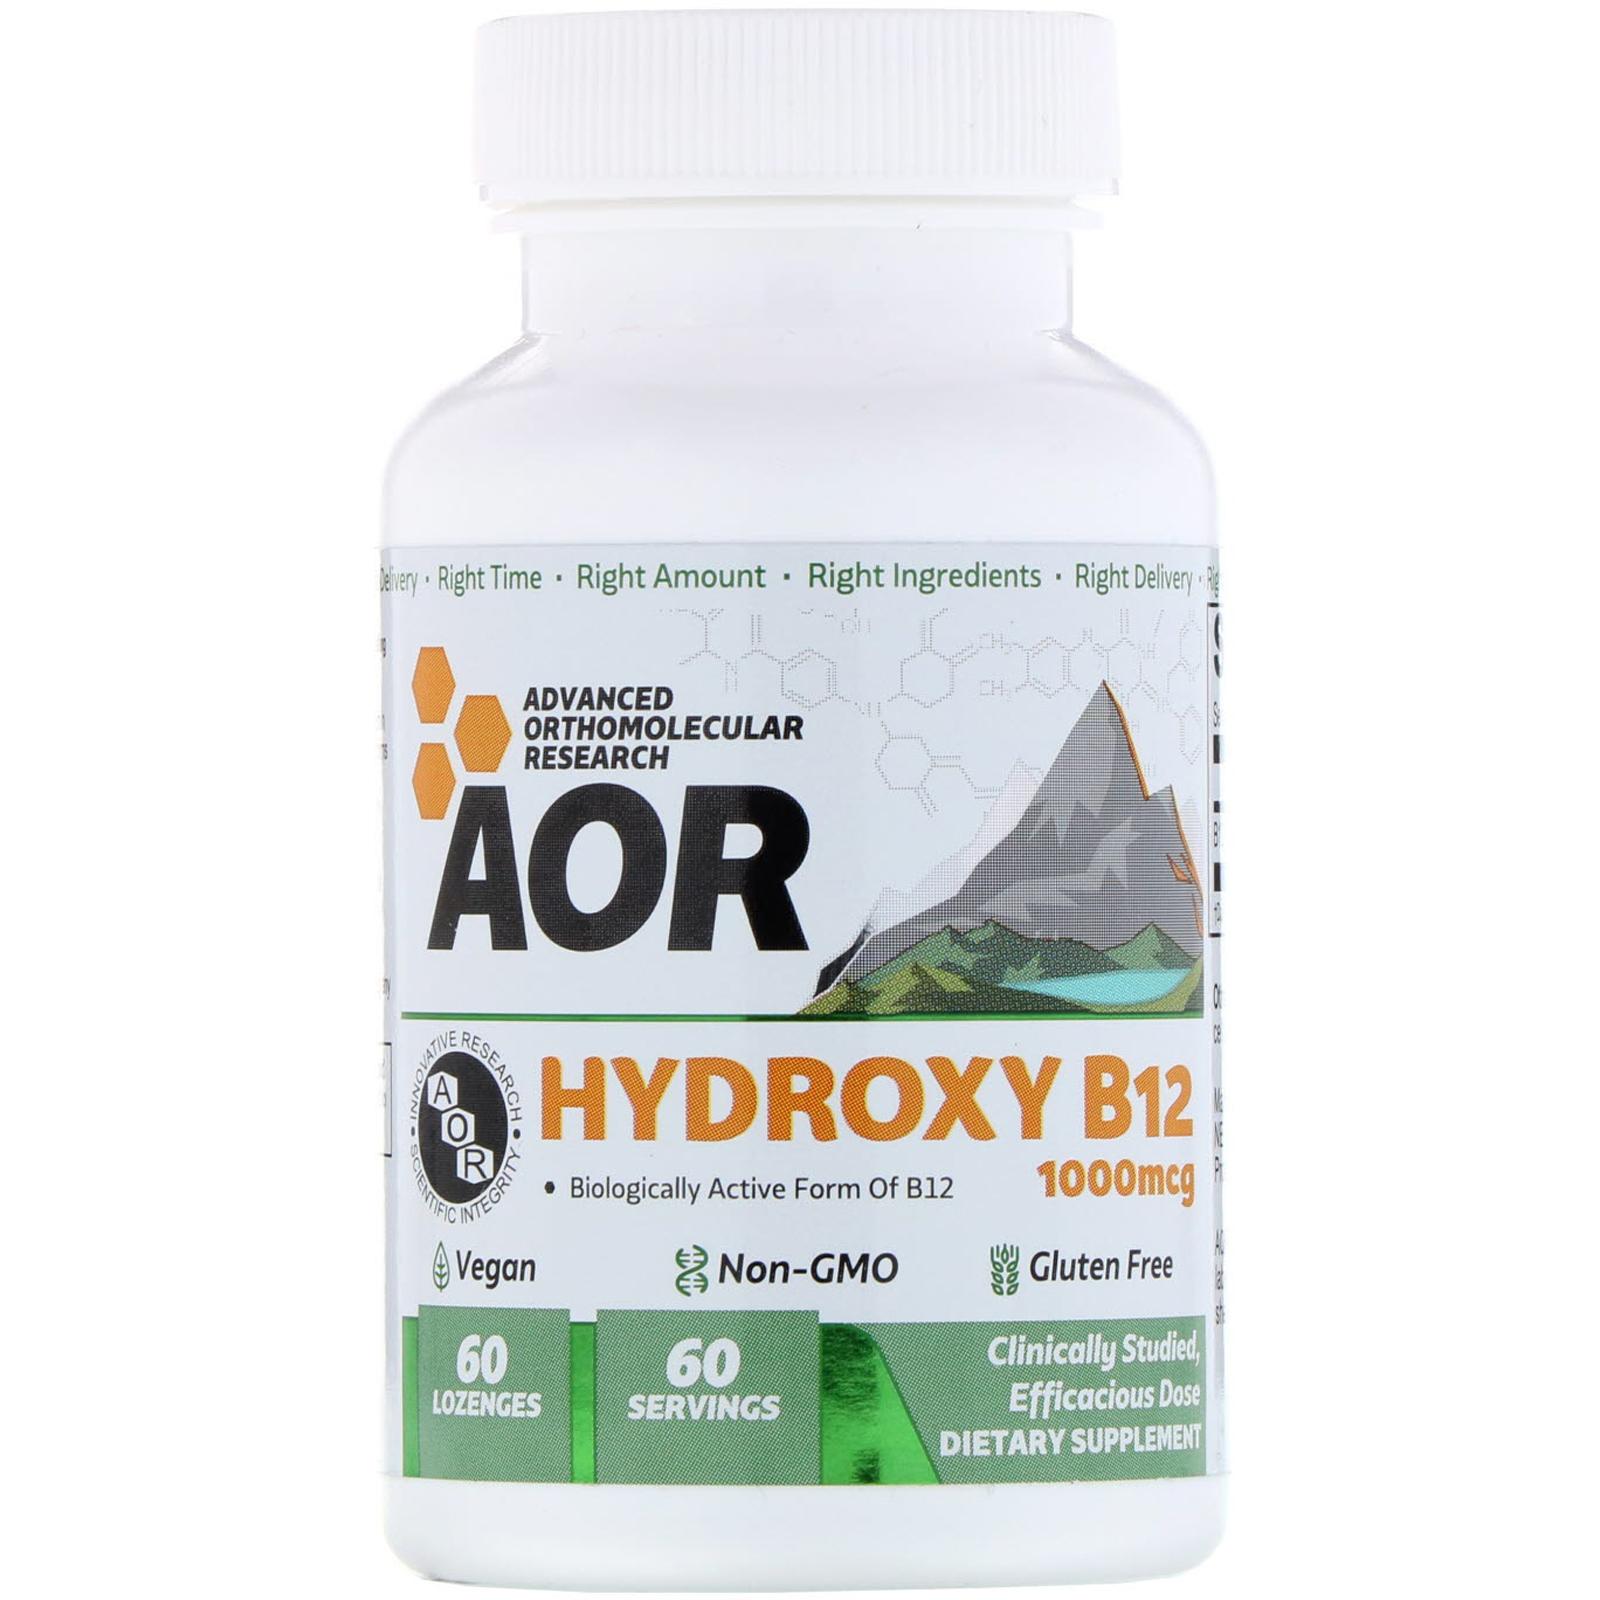 Advanced Orthomolecular Research AOR, Hydroxy B12, 60